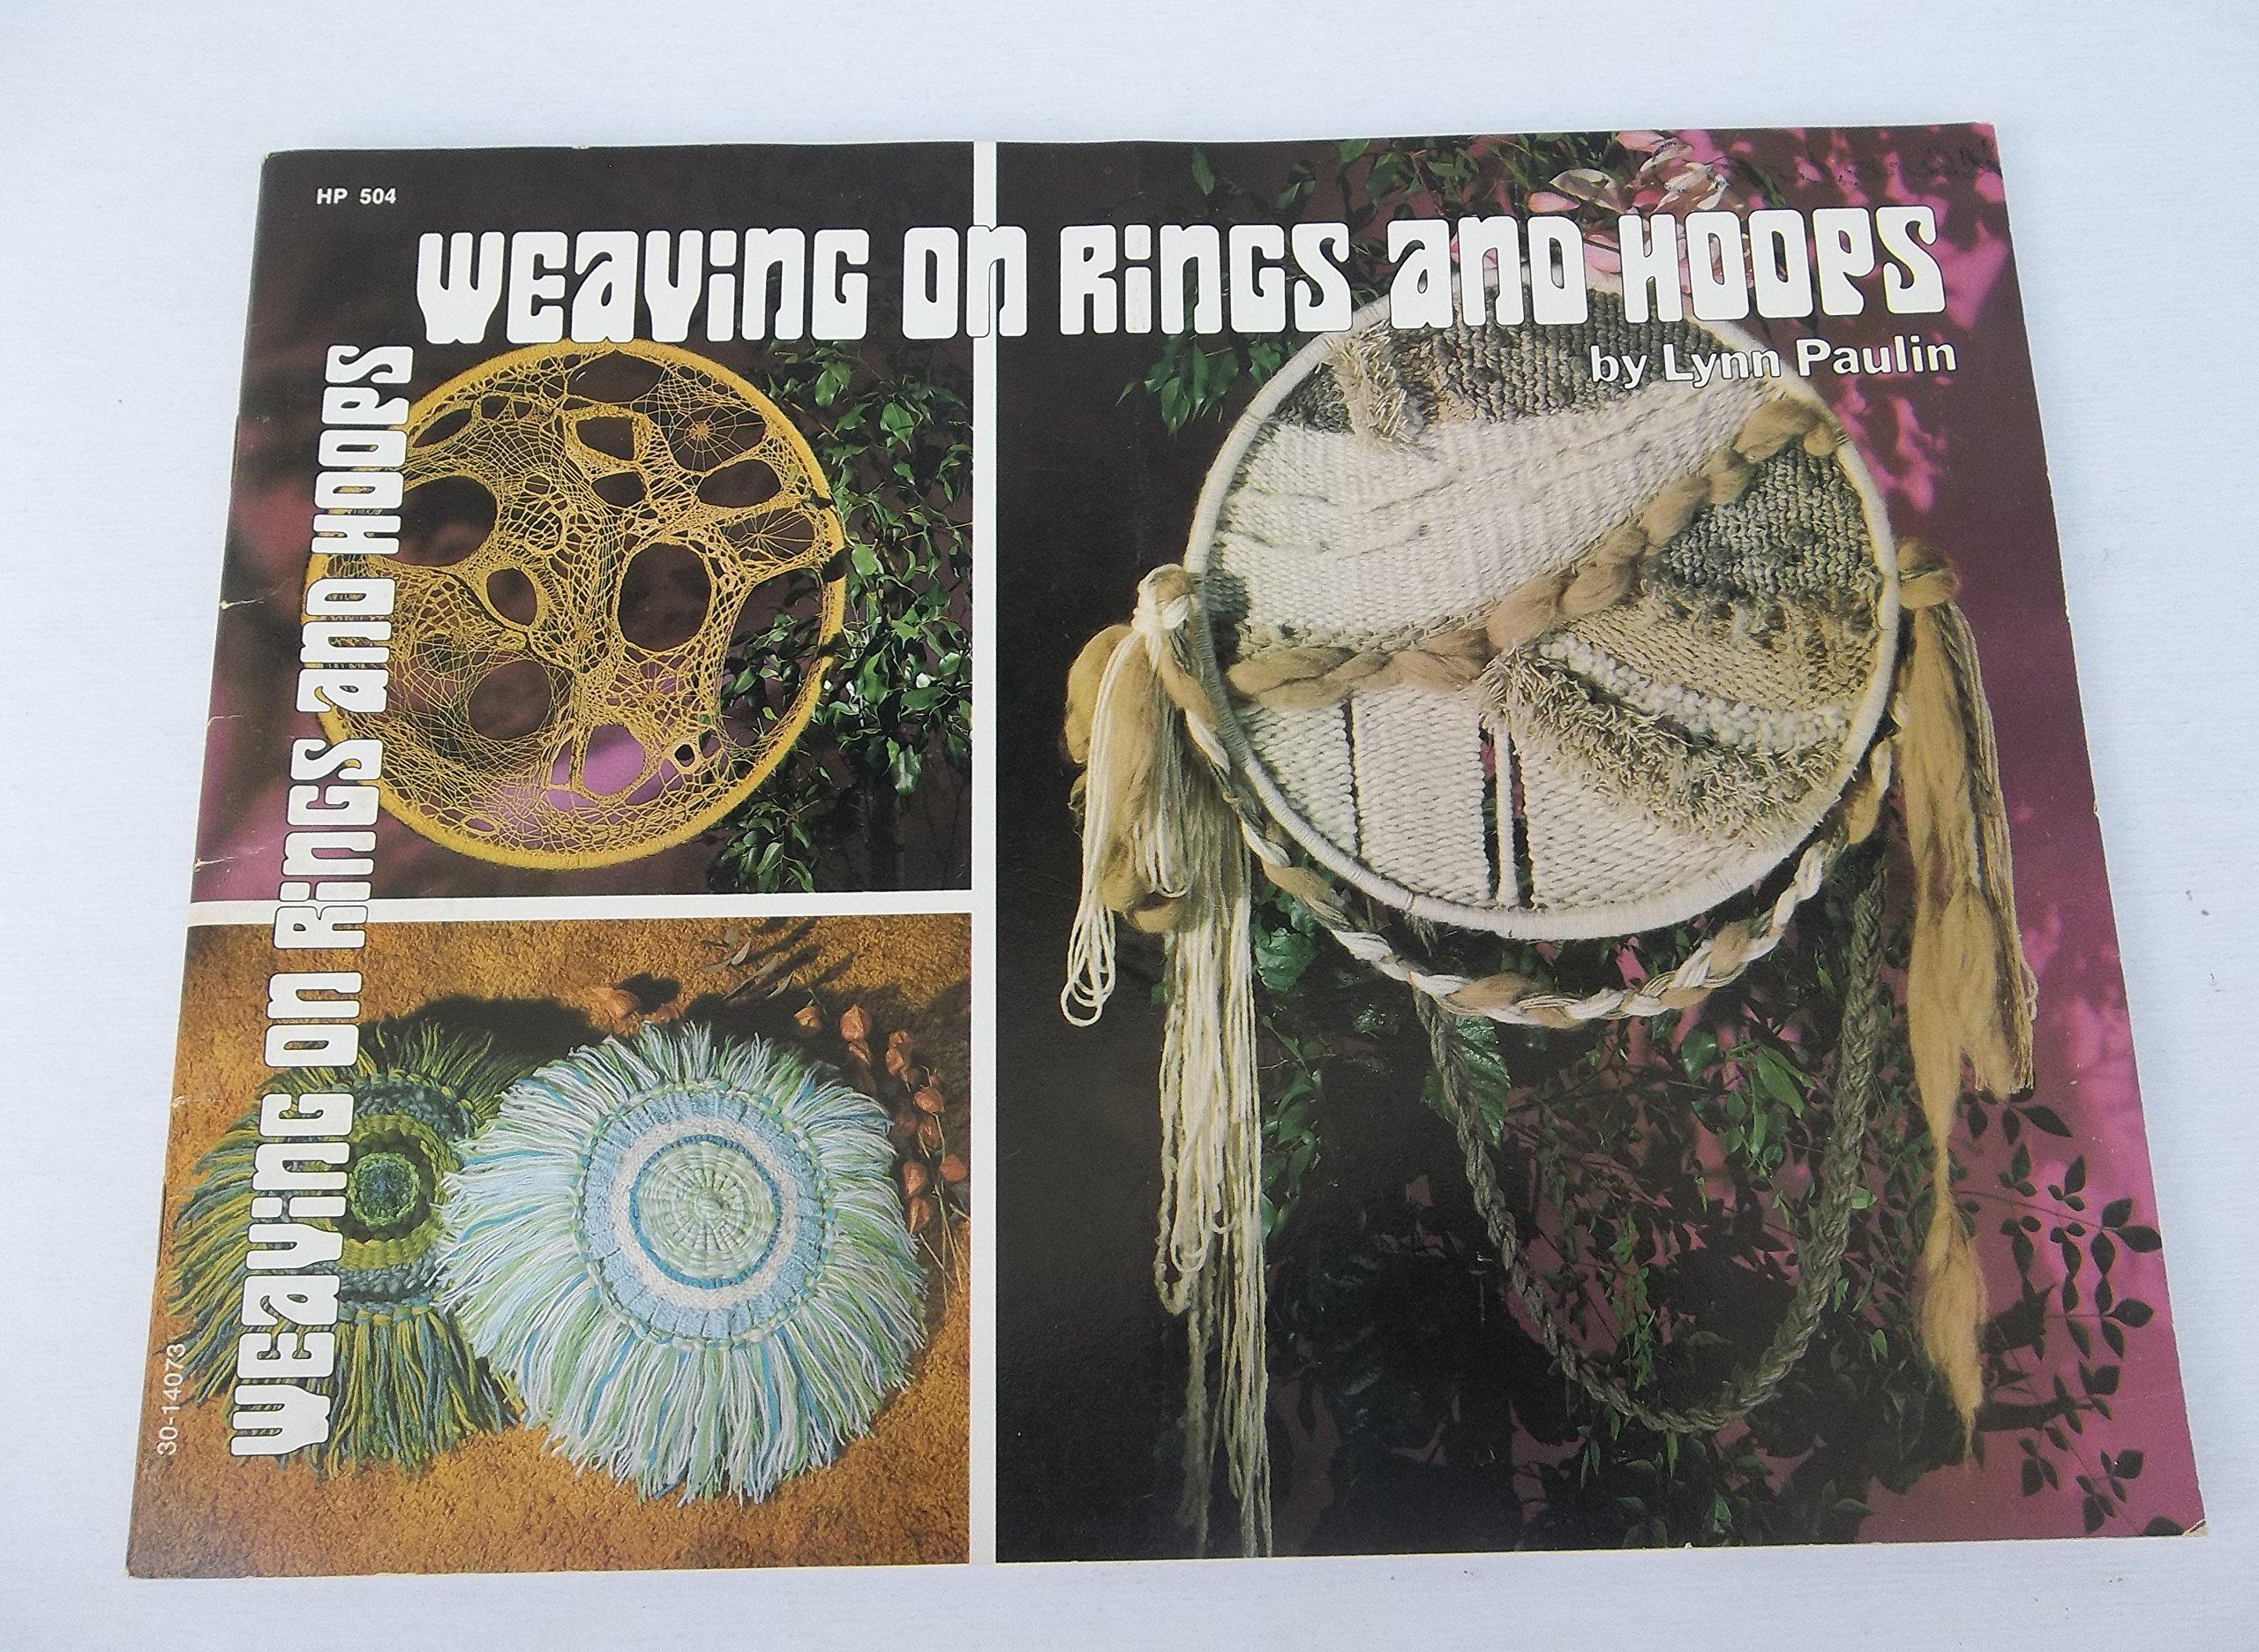 Weaving on rings and hoops